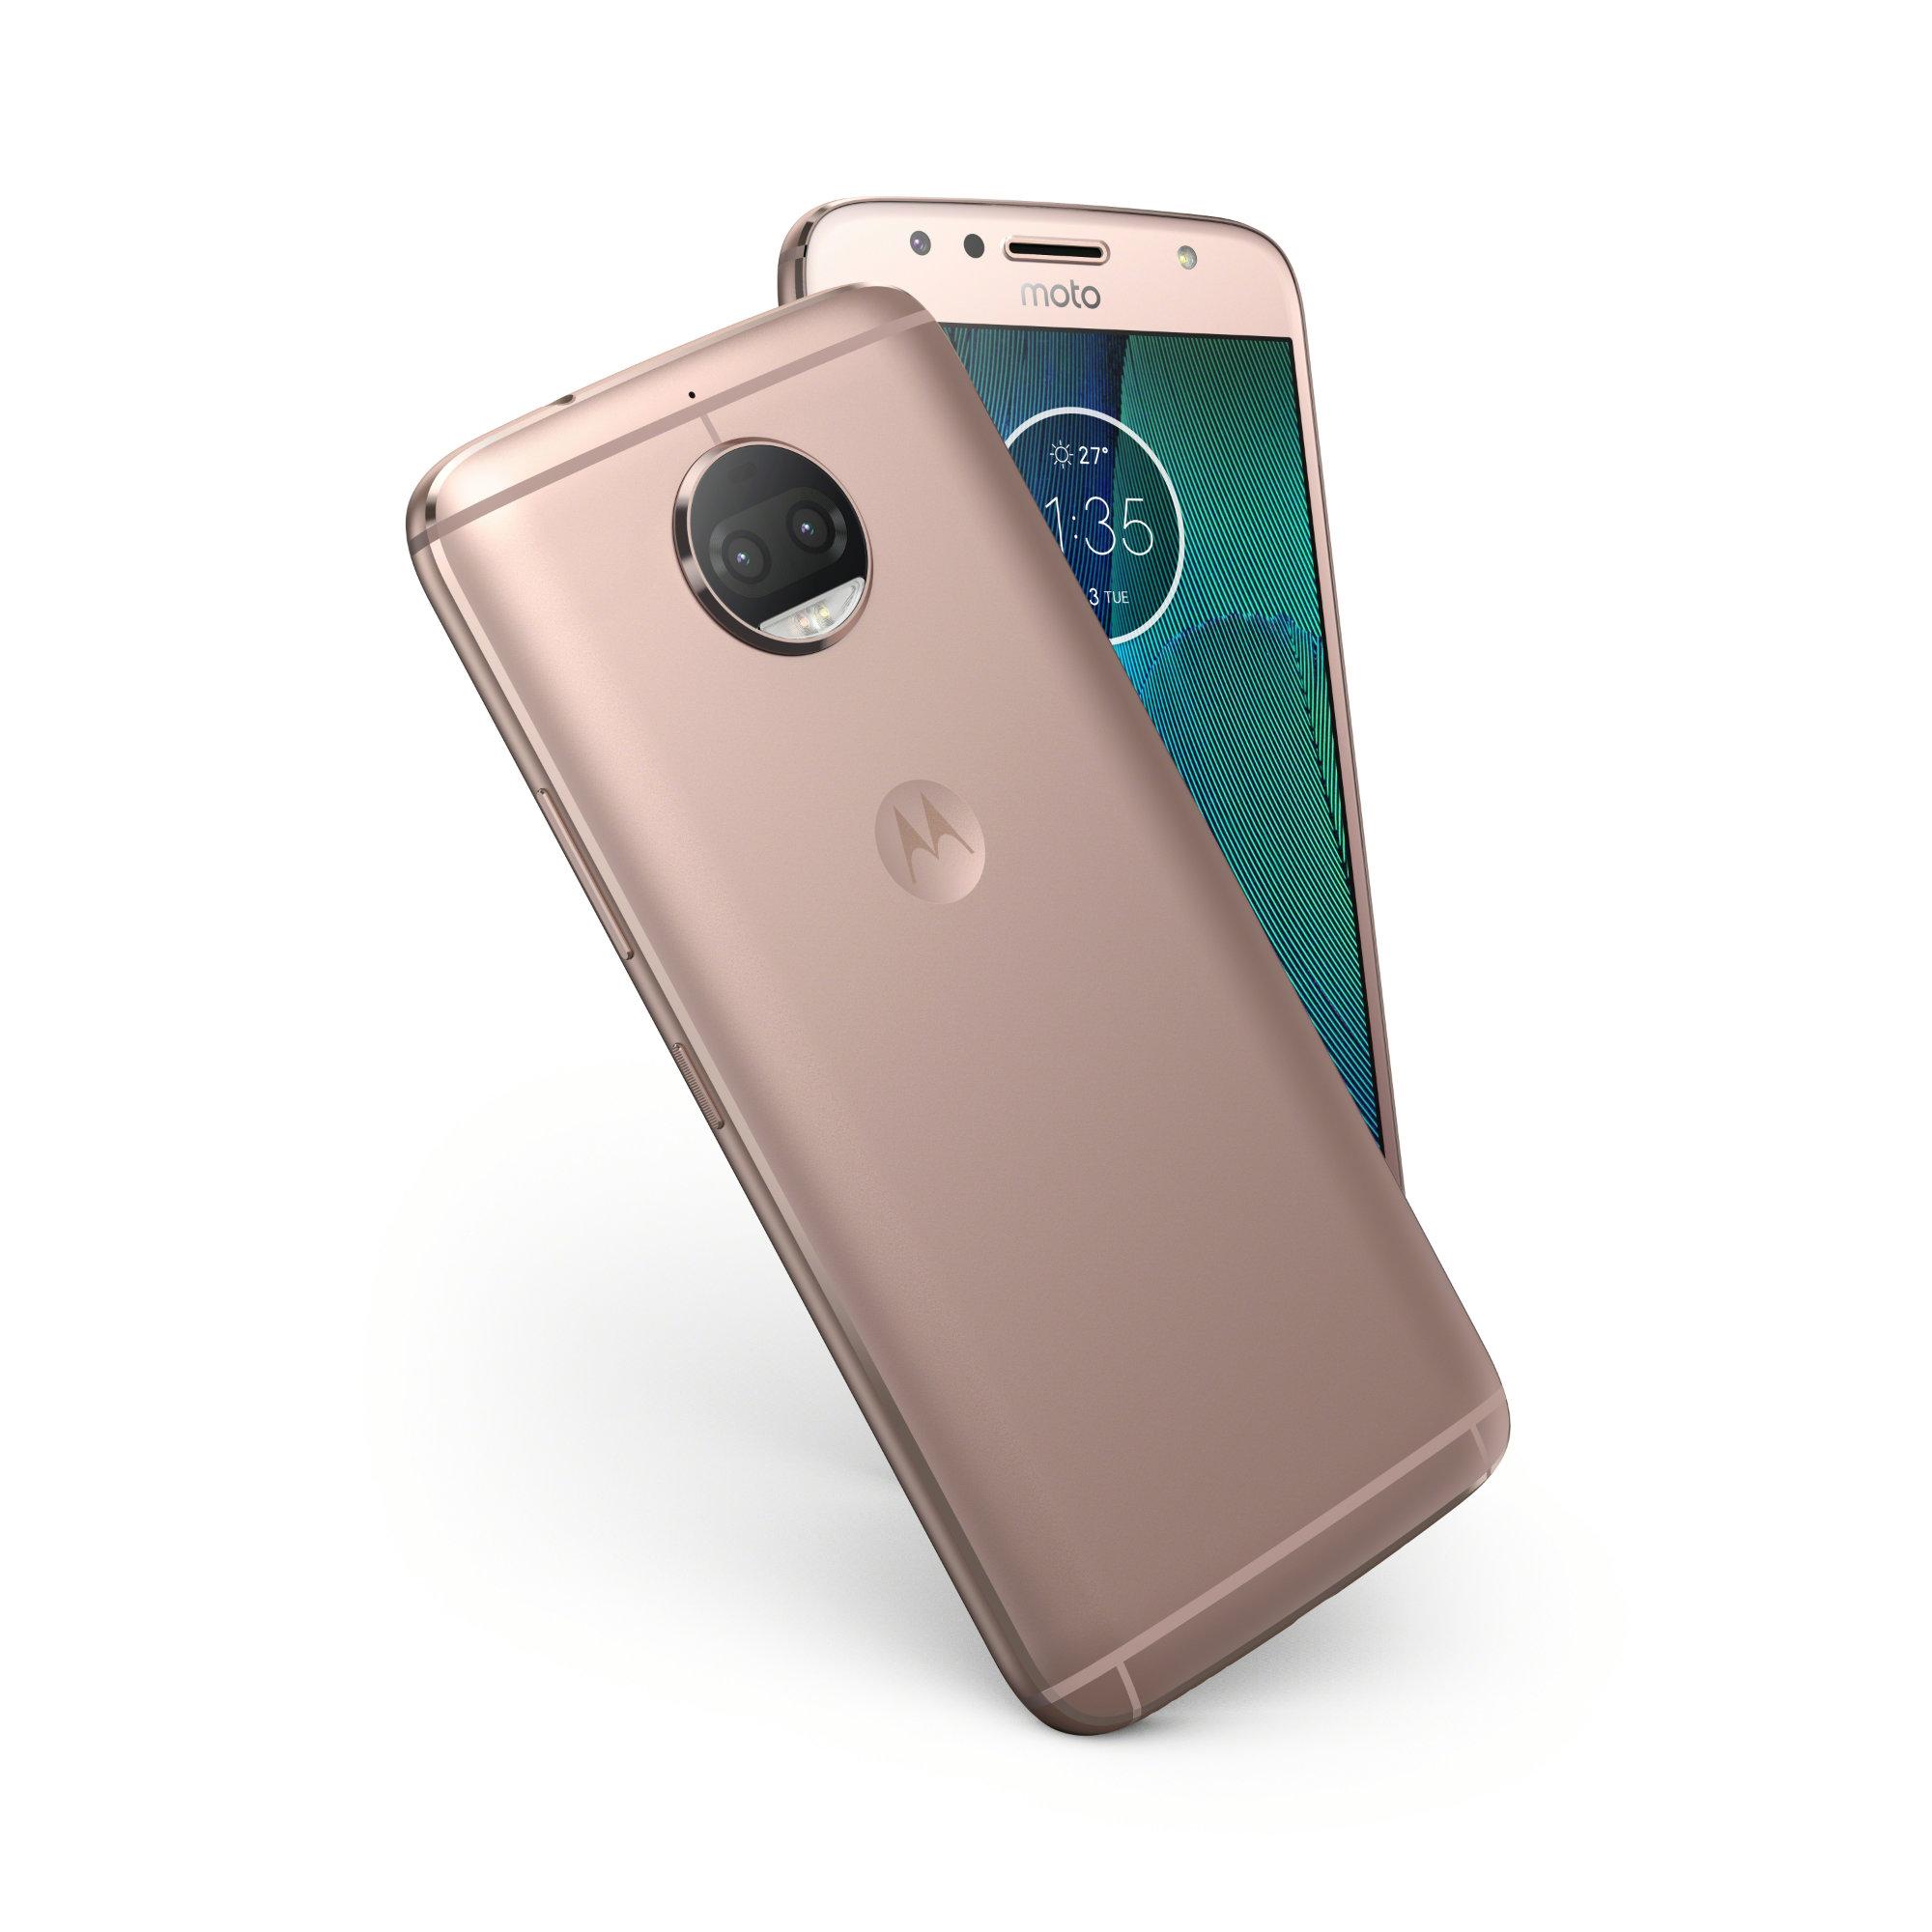 Moto G5S Plus press images - Moto G5s Plus review